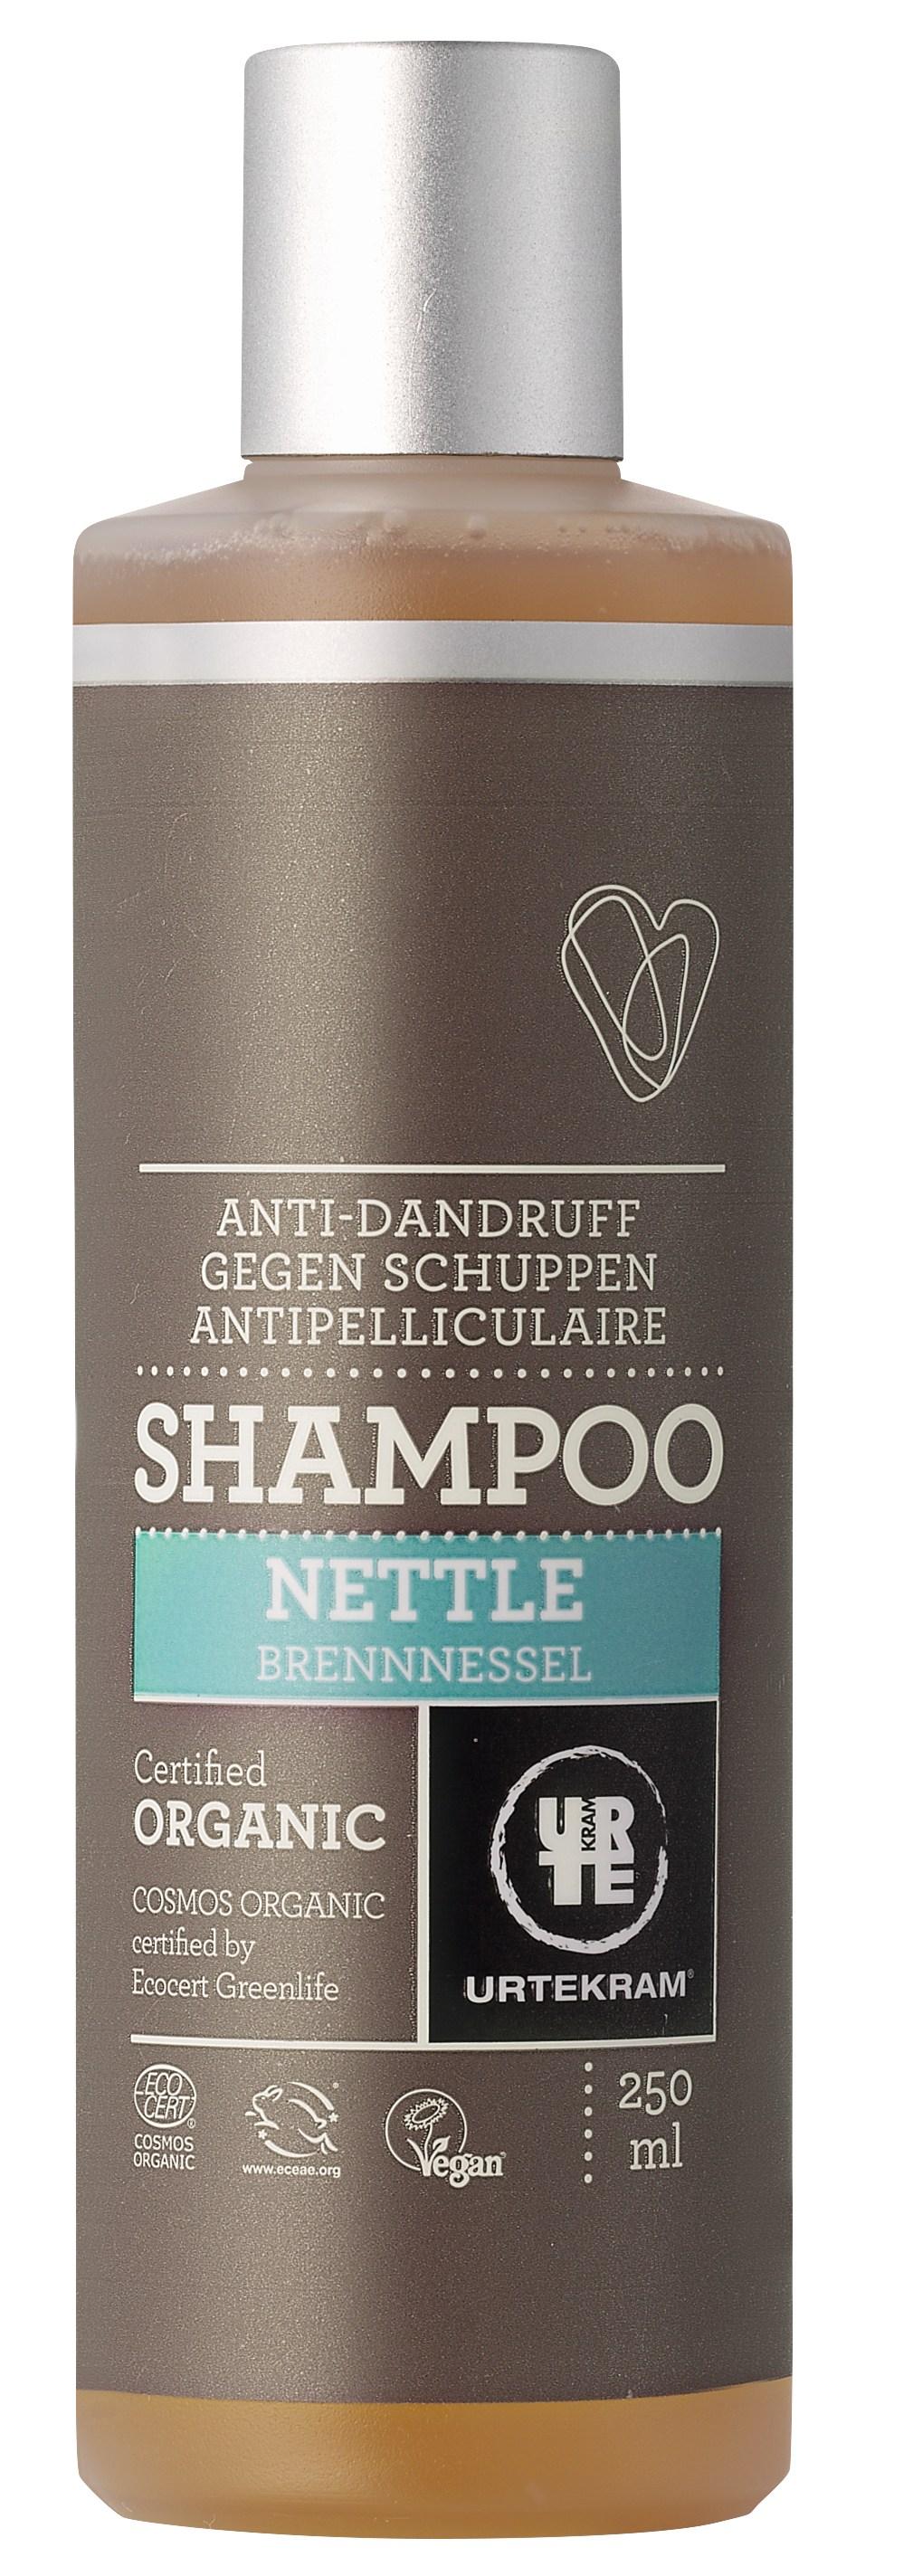 Urtekram Brændenælde Shampoo Mod Skæl - 250 ml